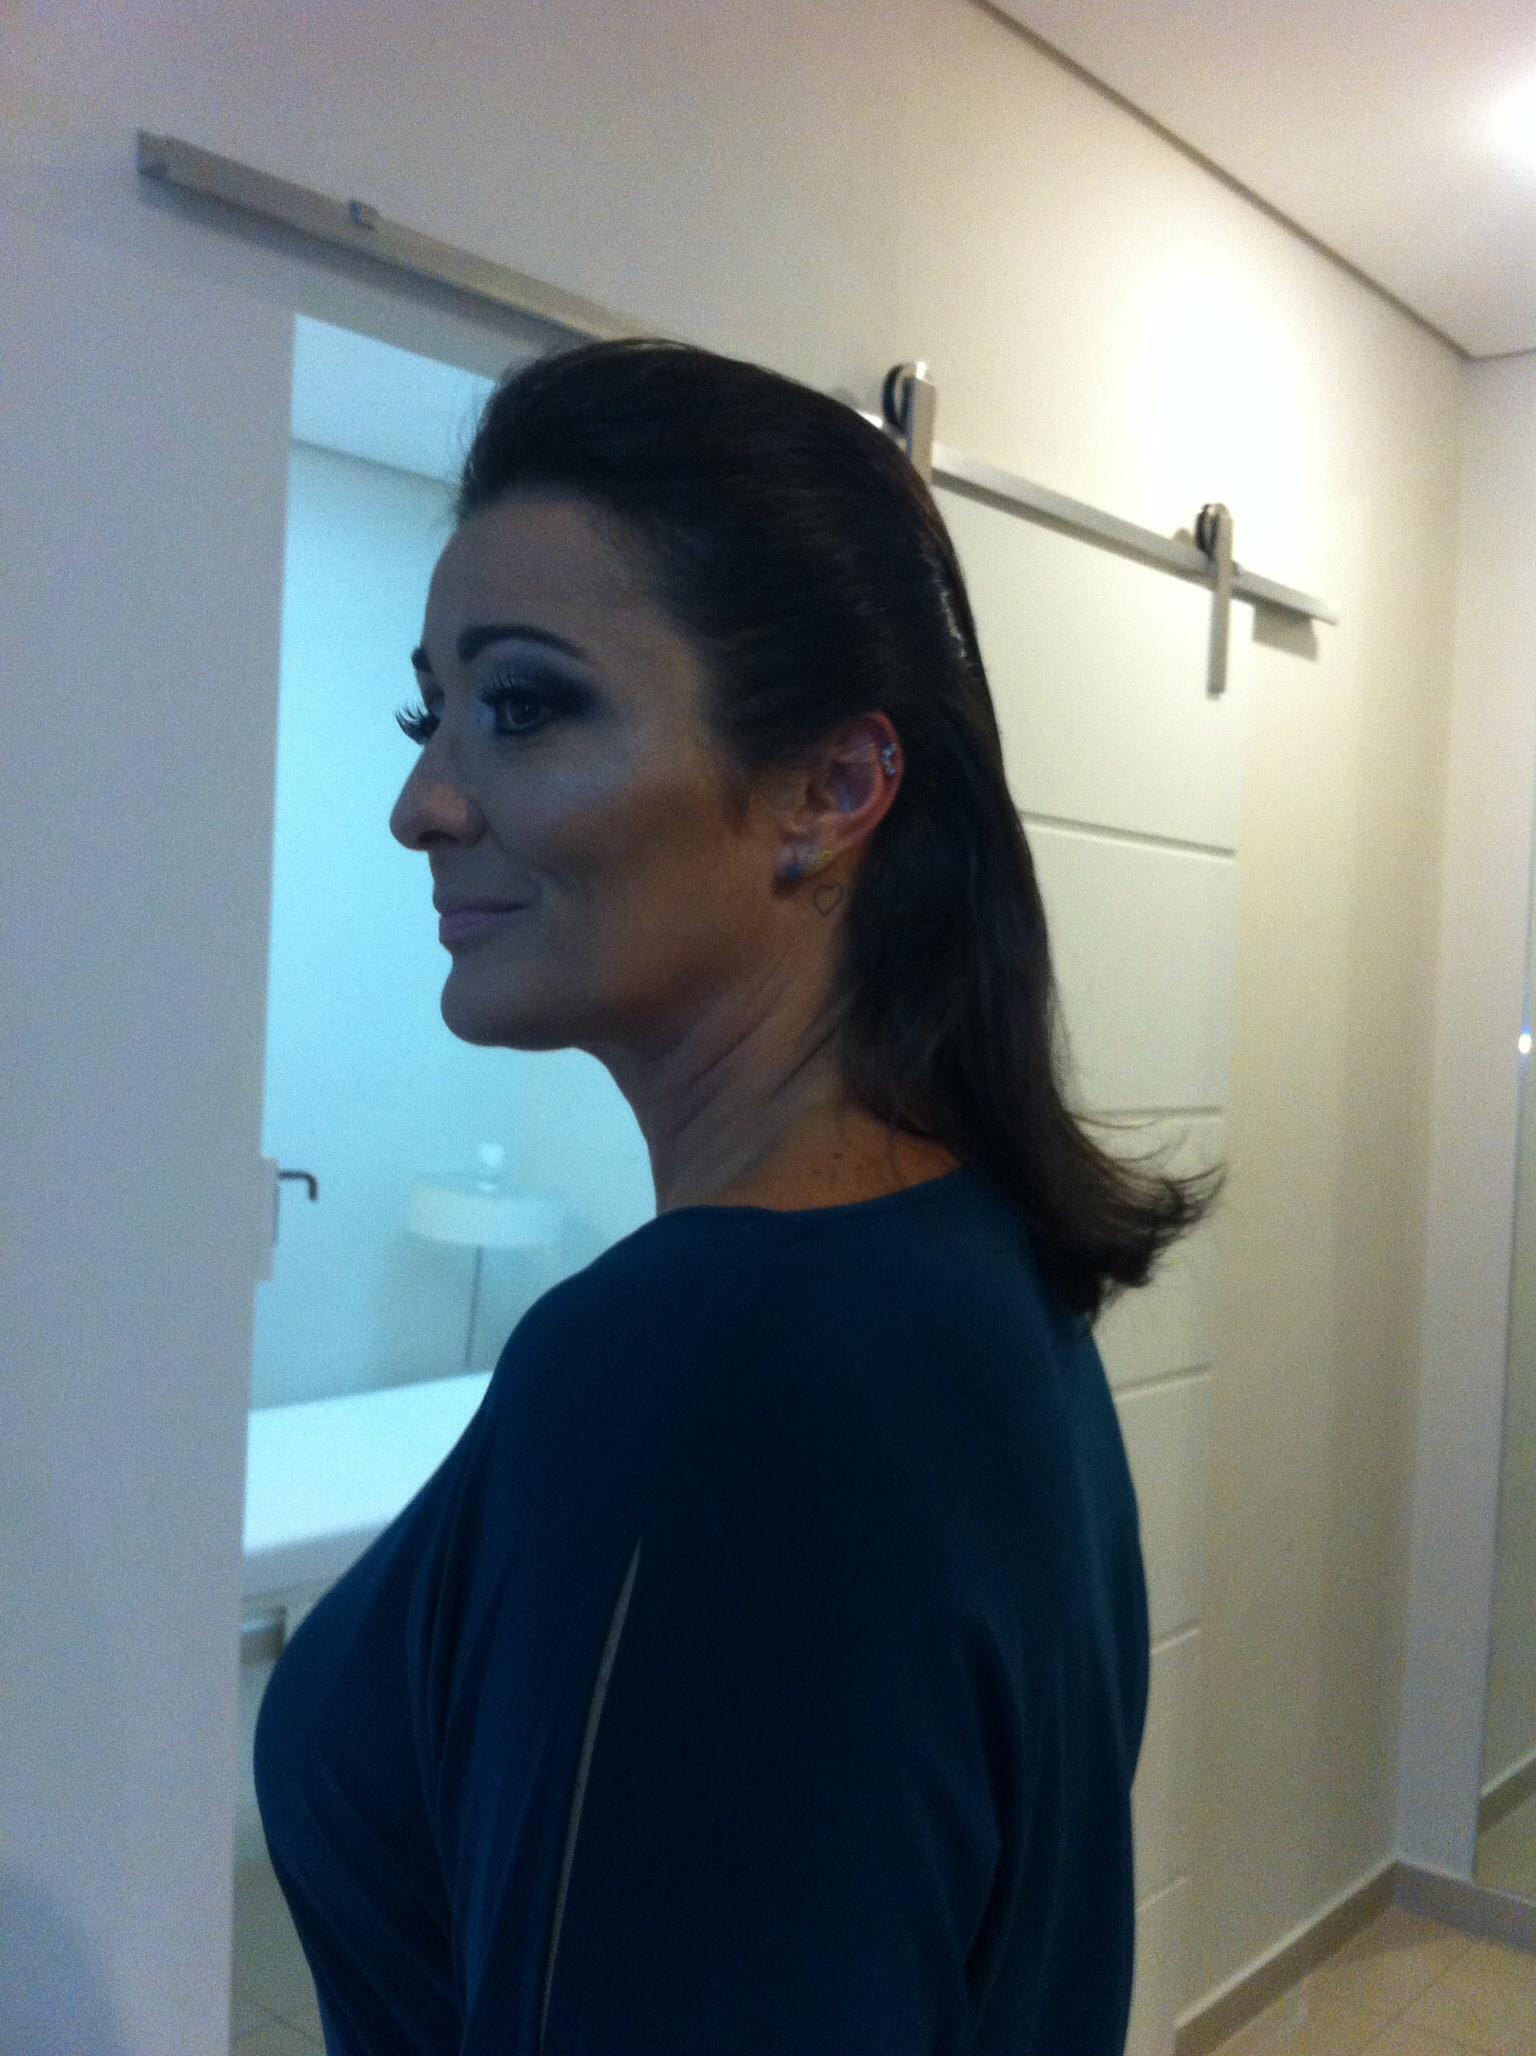 Penteado cabeleireiro(a) designer de sobrancelhas maquiador(a)